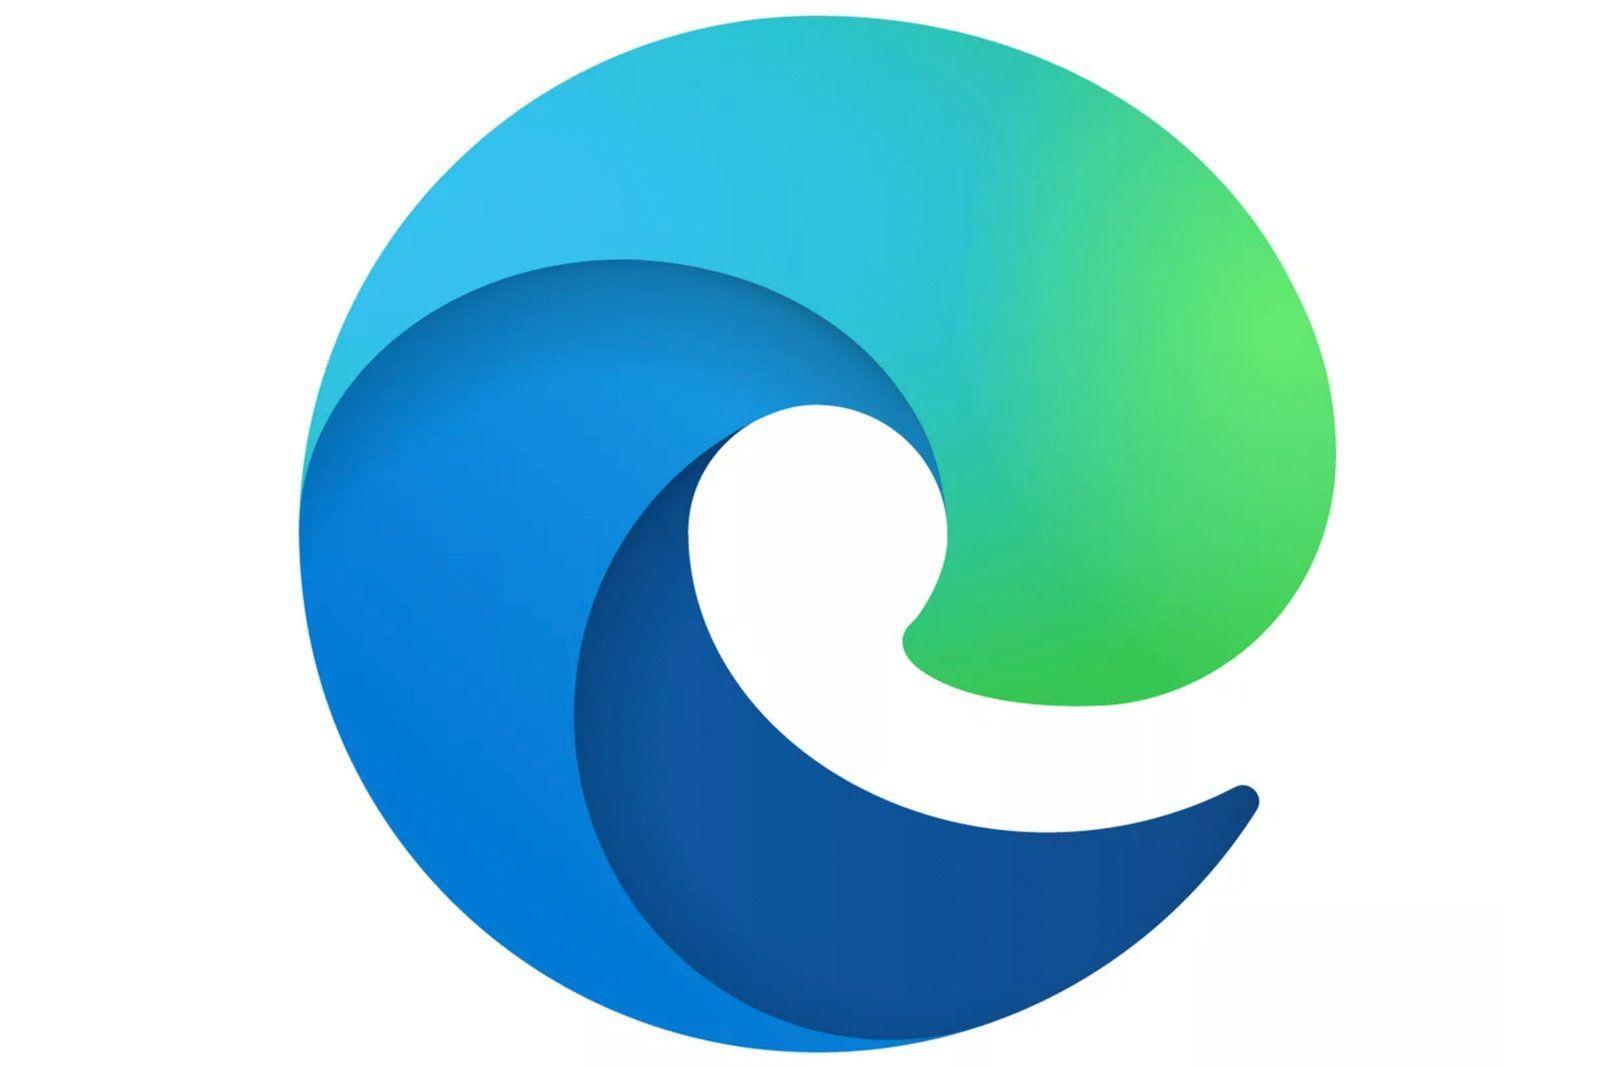 Microsoft's new Edge logo erases bad memories of